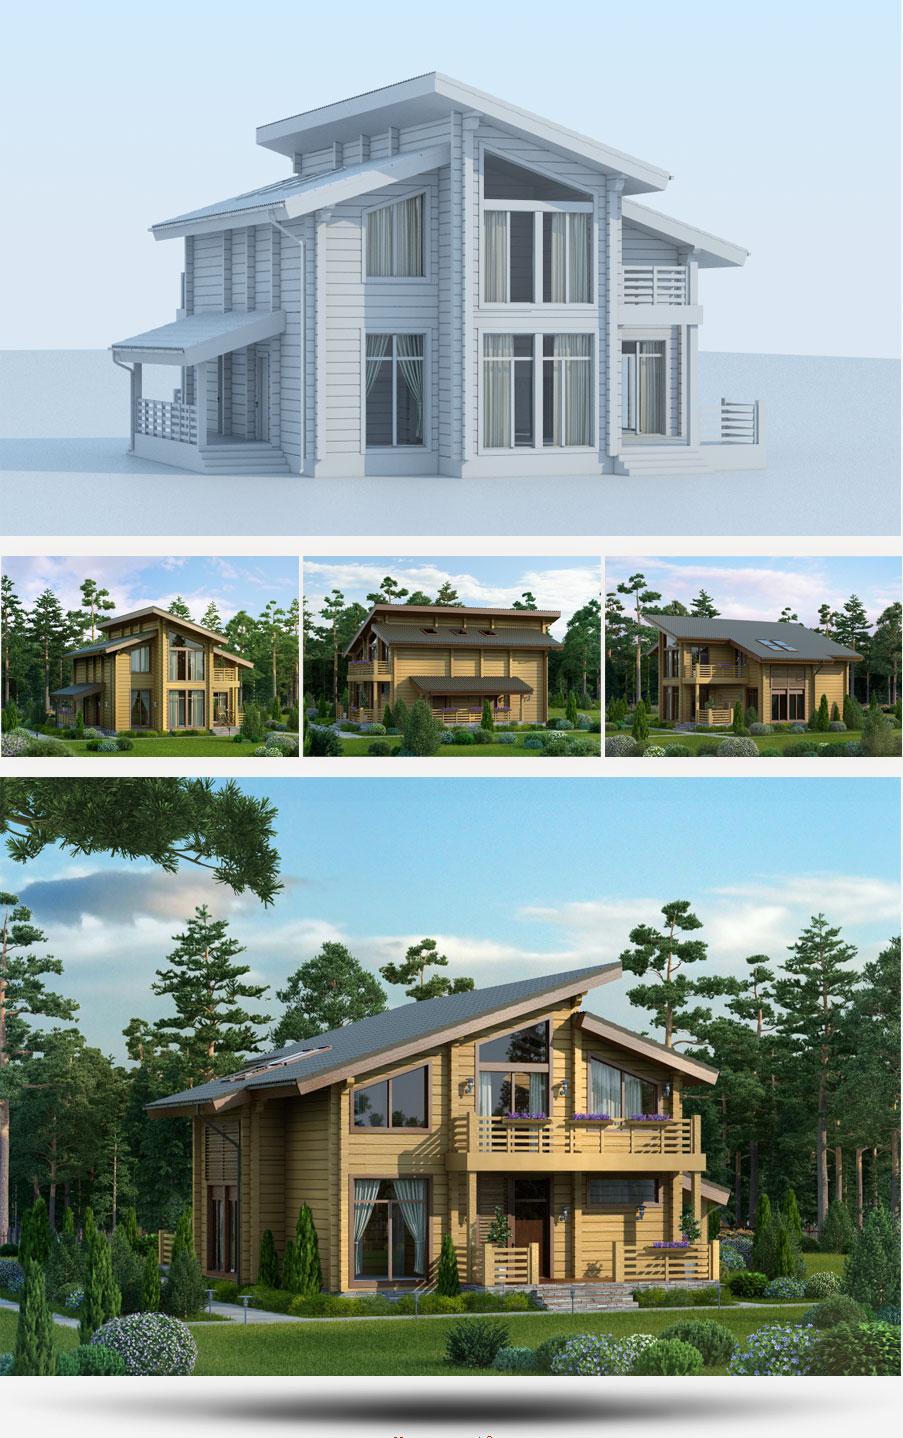 Создание 3D-моделей проектов домов строительной компании «Русь» - 4